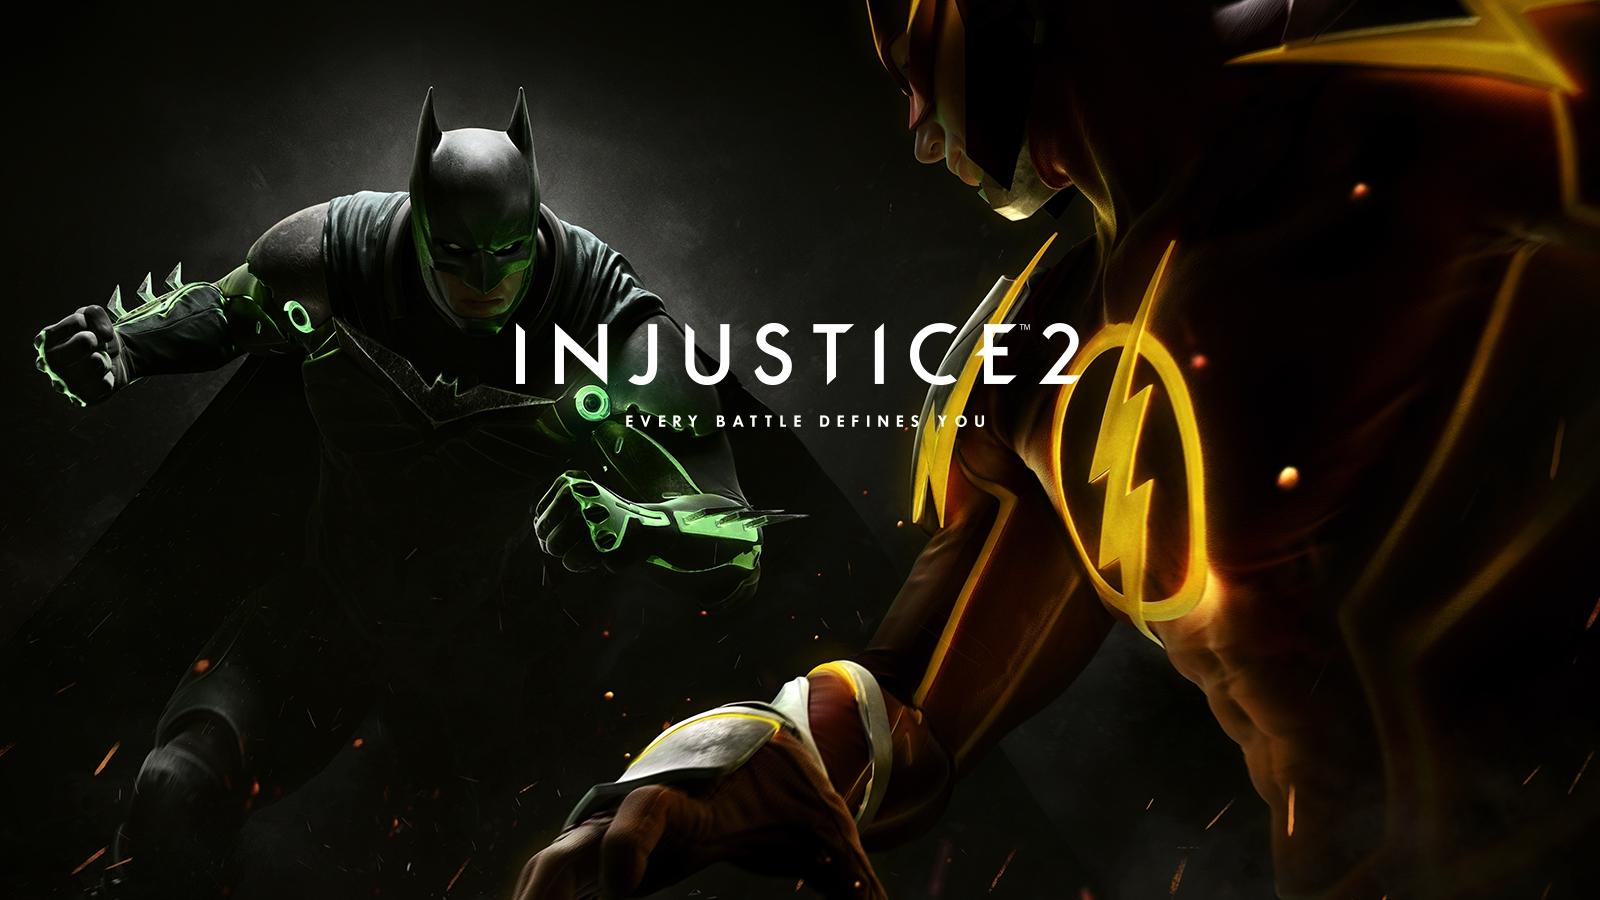 Вышел трейлер Injustice 2, анонсирующий геймплей Черной Канарейки